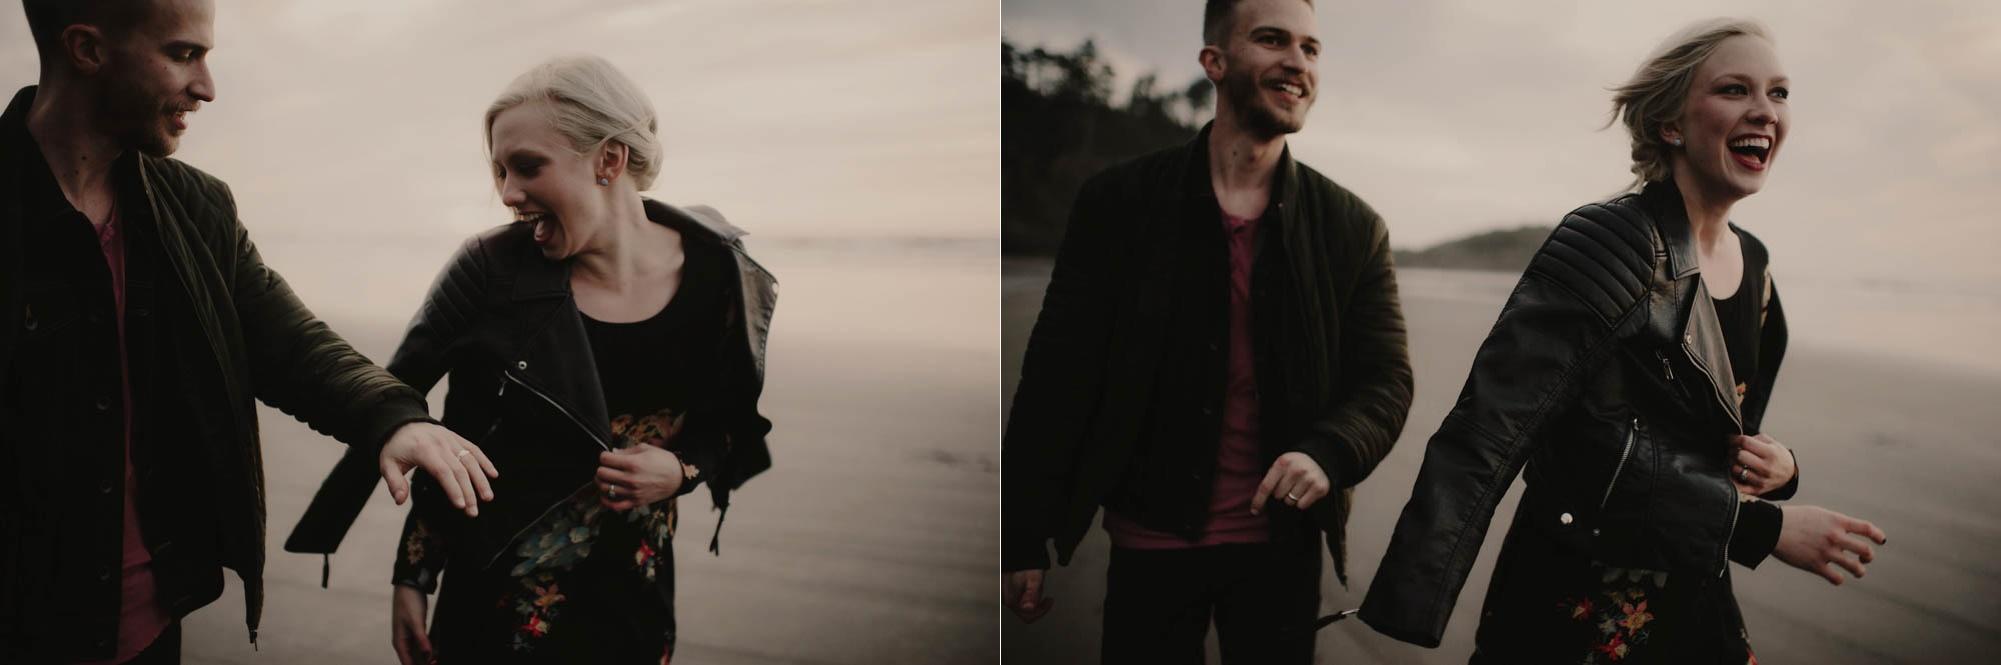 KristenMarie_Alycia+Evan172-horz.jpg